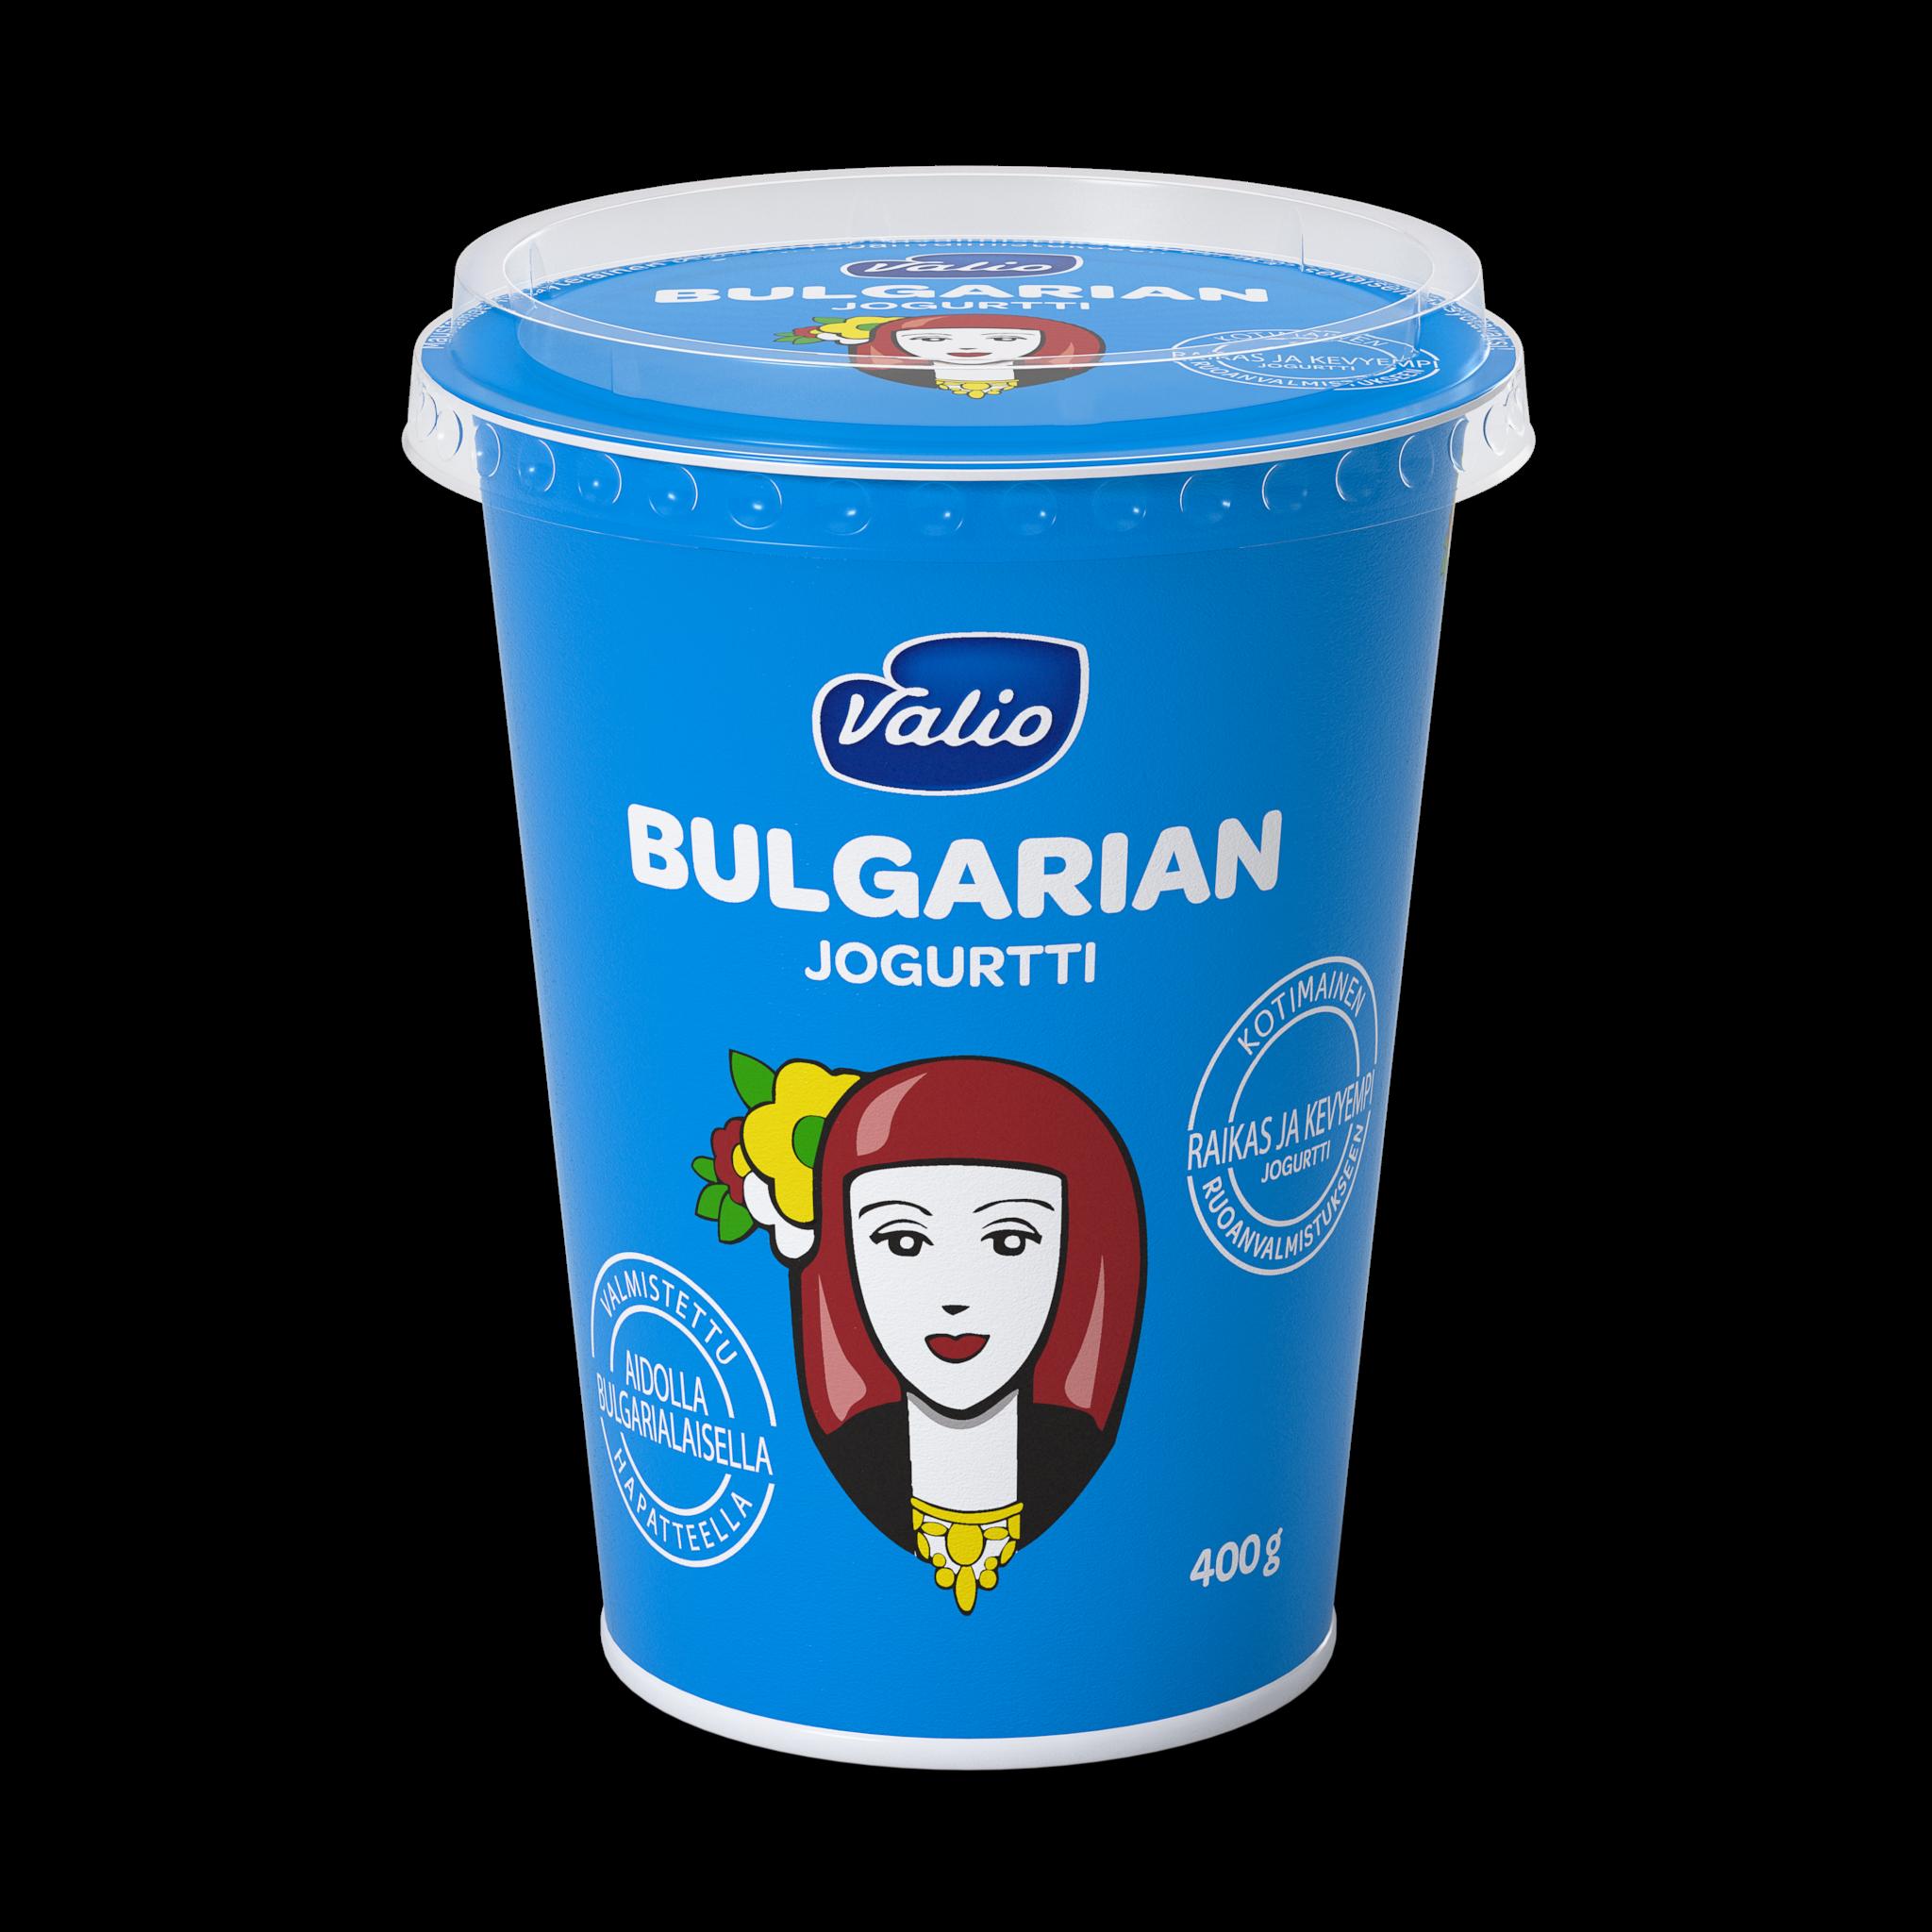 Valio Bulgarian jogurtti